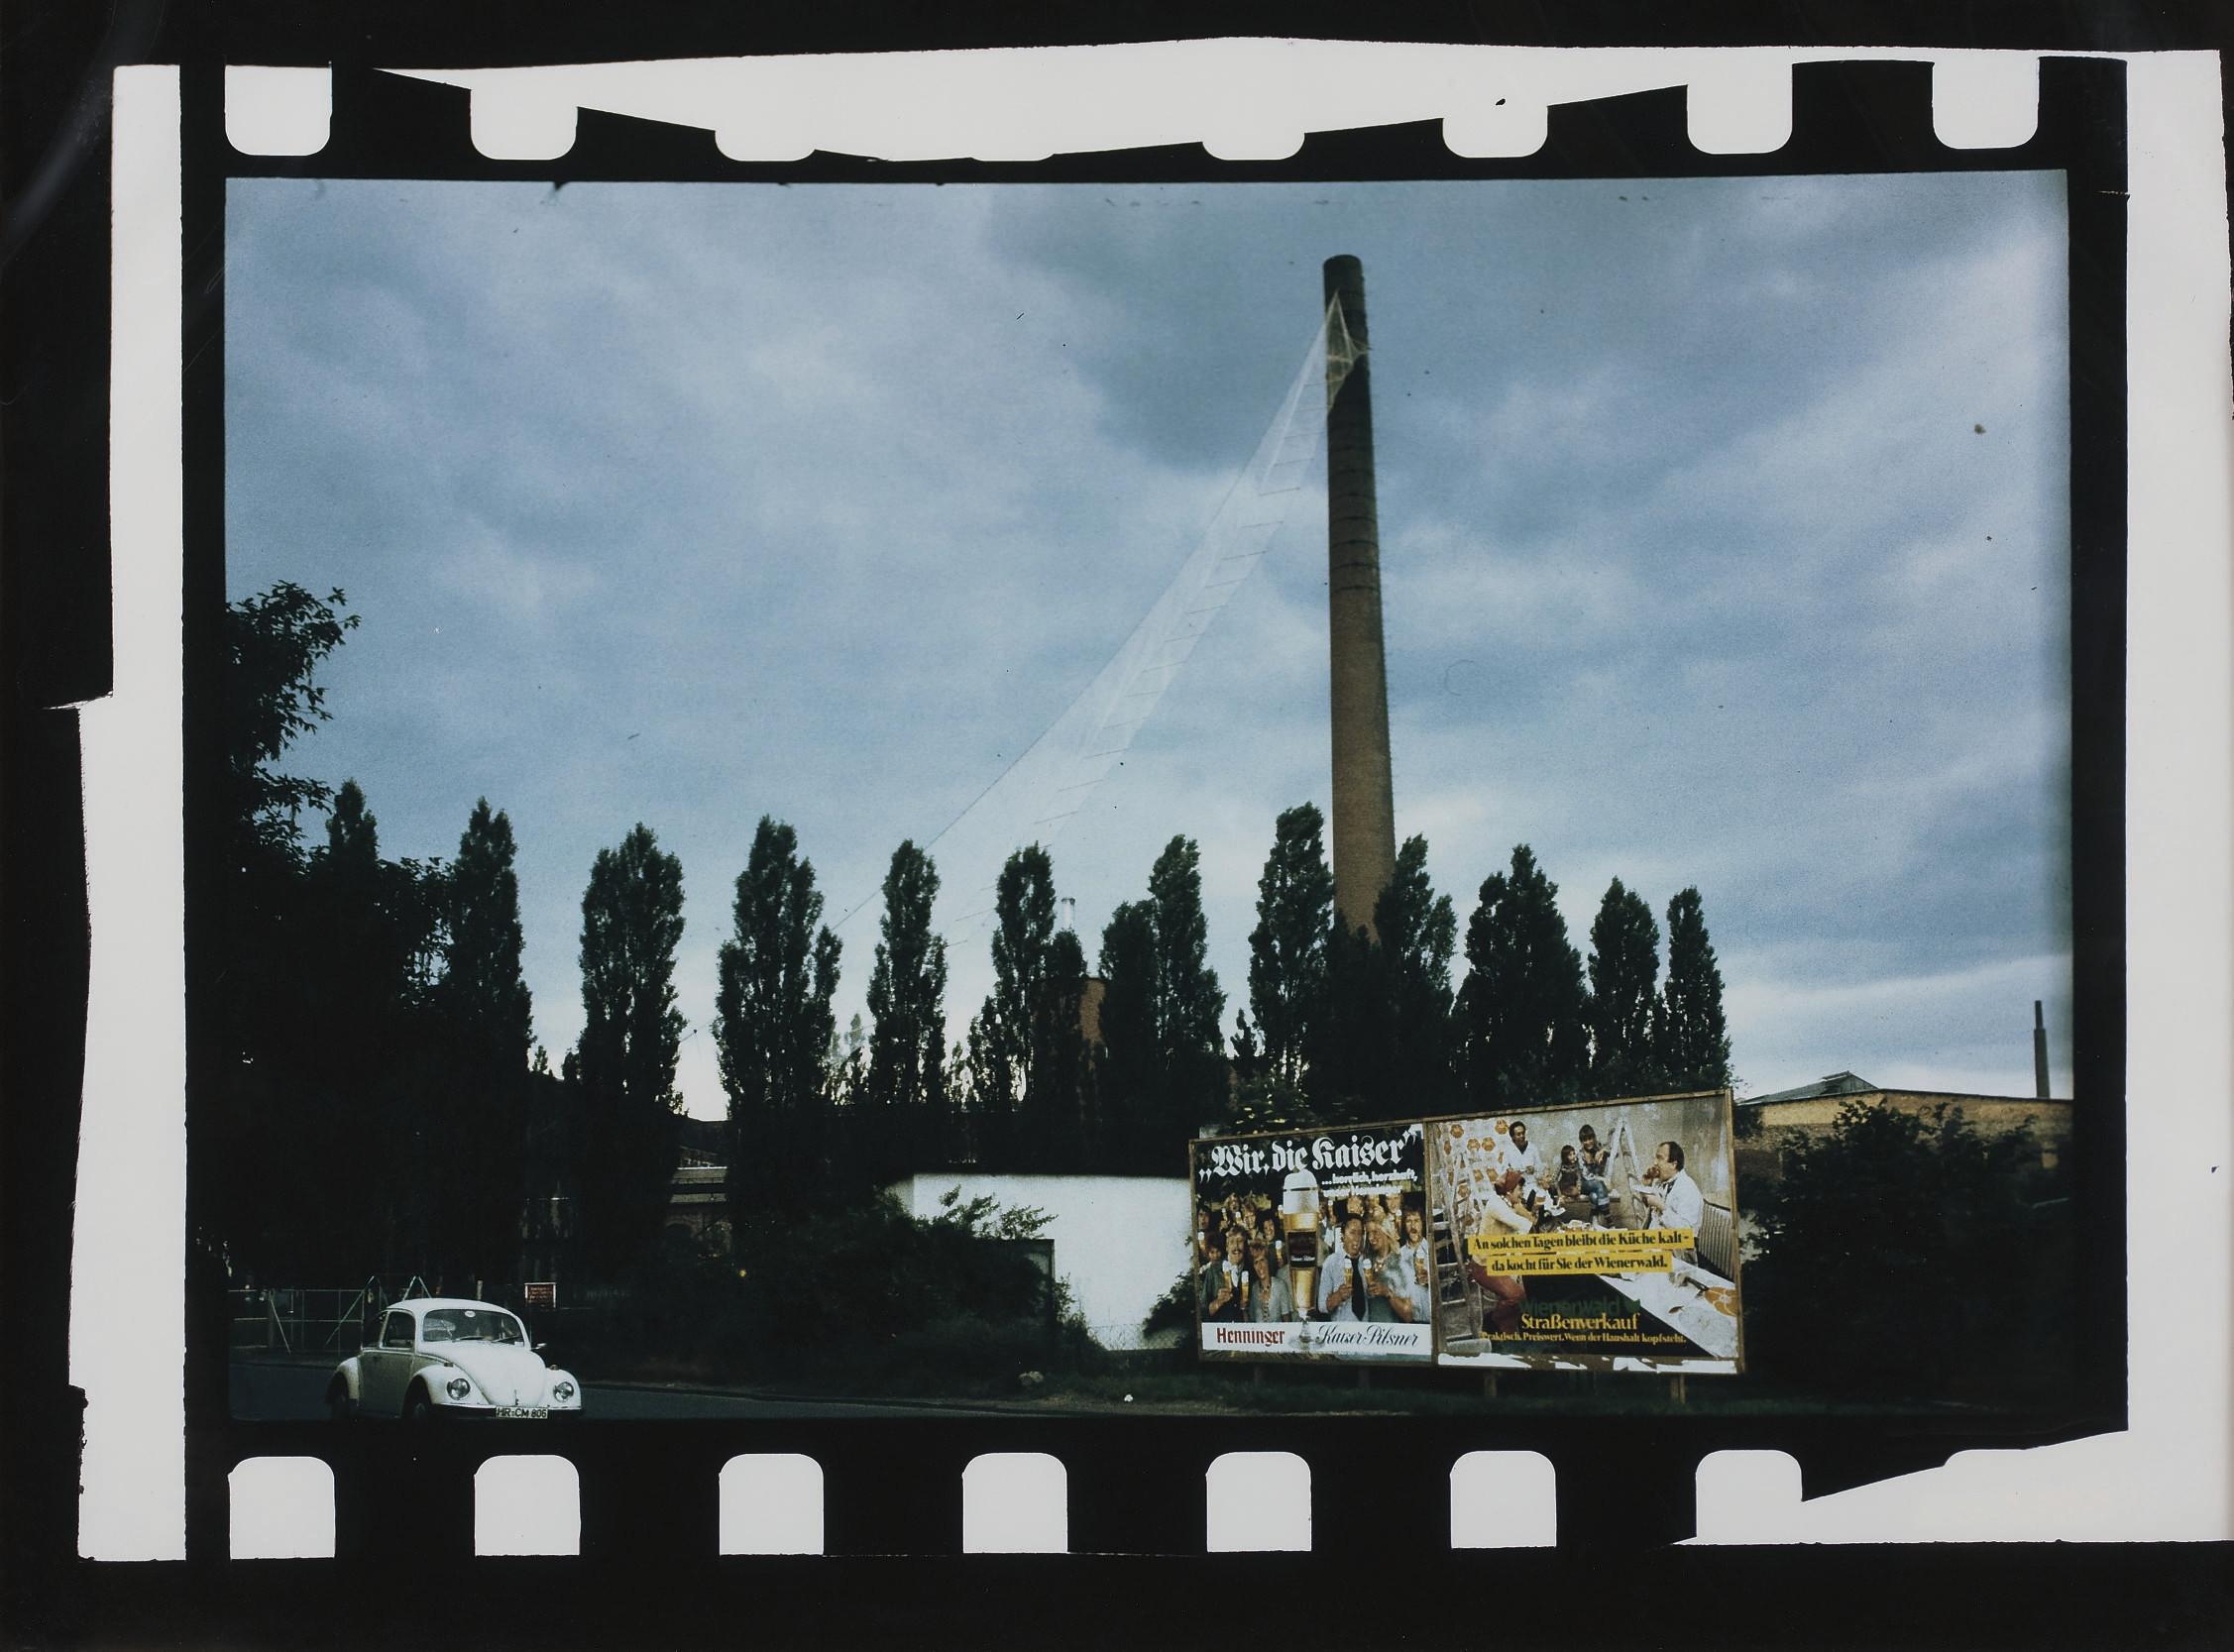 GORDON MATTA-CLARK (1943-1978)